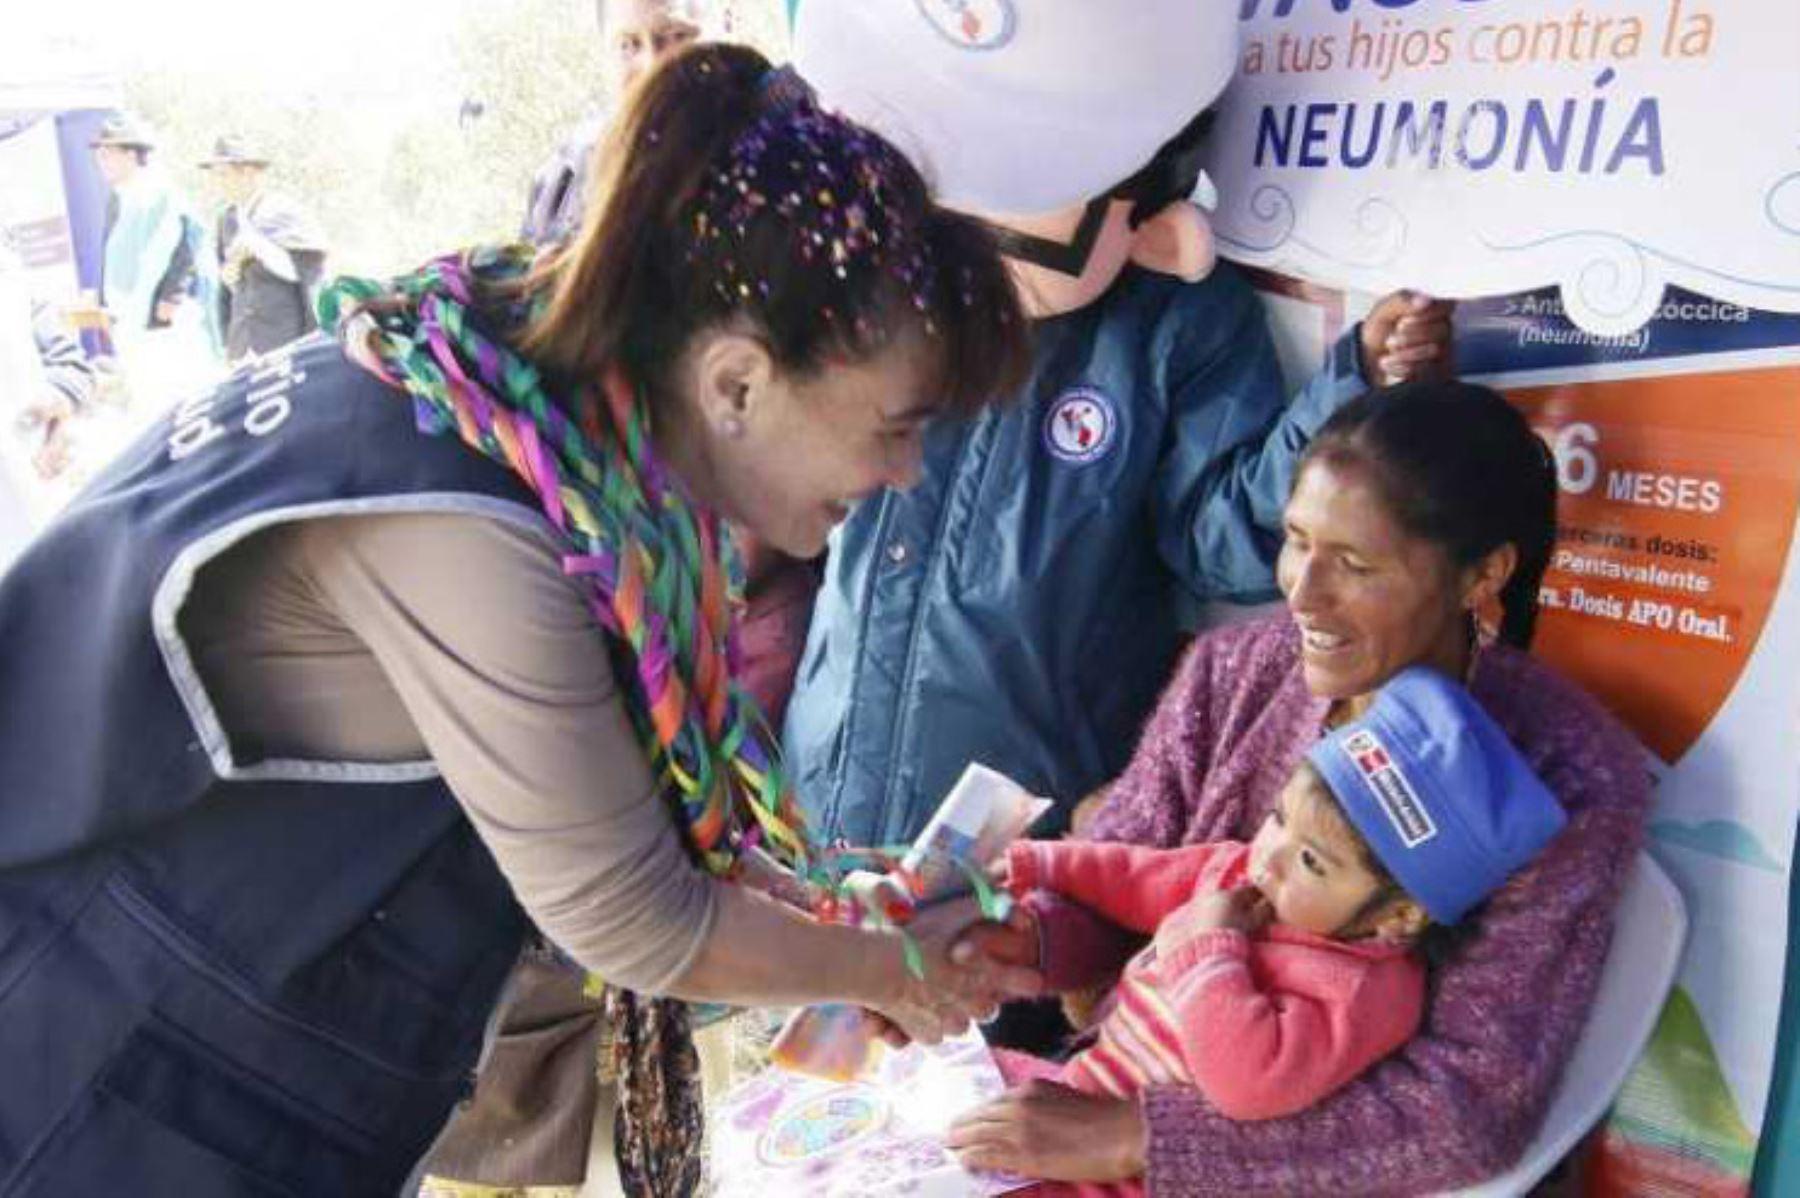 La ministra de Salud, Silvia Pessah, participó en el lanzamiento del Plan Multisectorial ante Heladas y Friaje 2018 que se realizó en el Tambo del centro poblado Colque ubicado en el distrito de Pucará, provincia de Lampa (Puno), en una ceremonia encabezada por el presidente de la República, Martín Vizcarra.